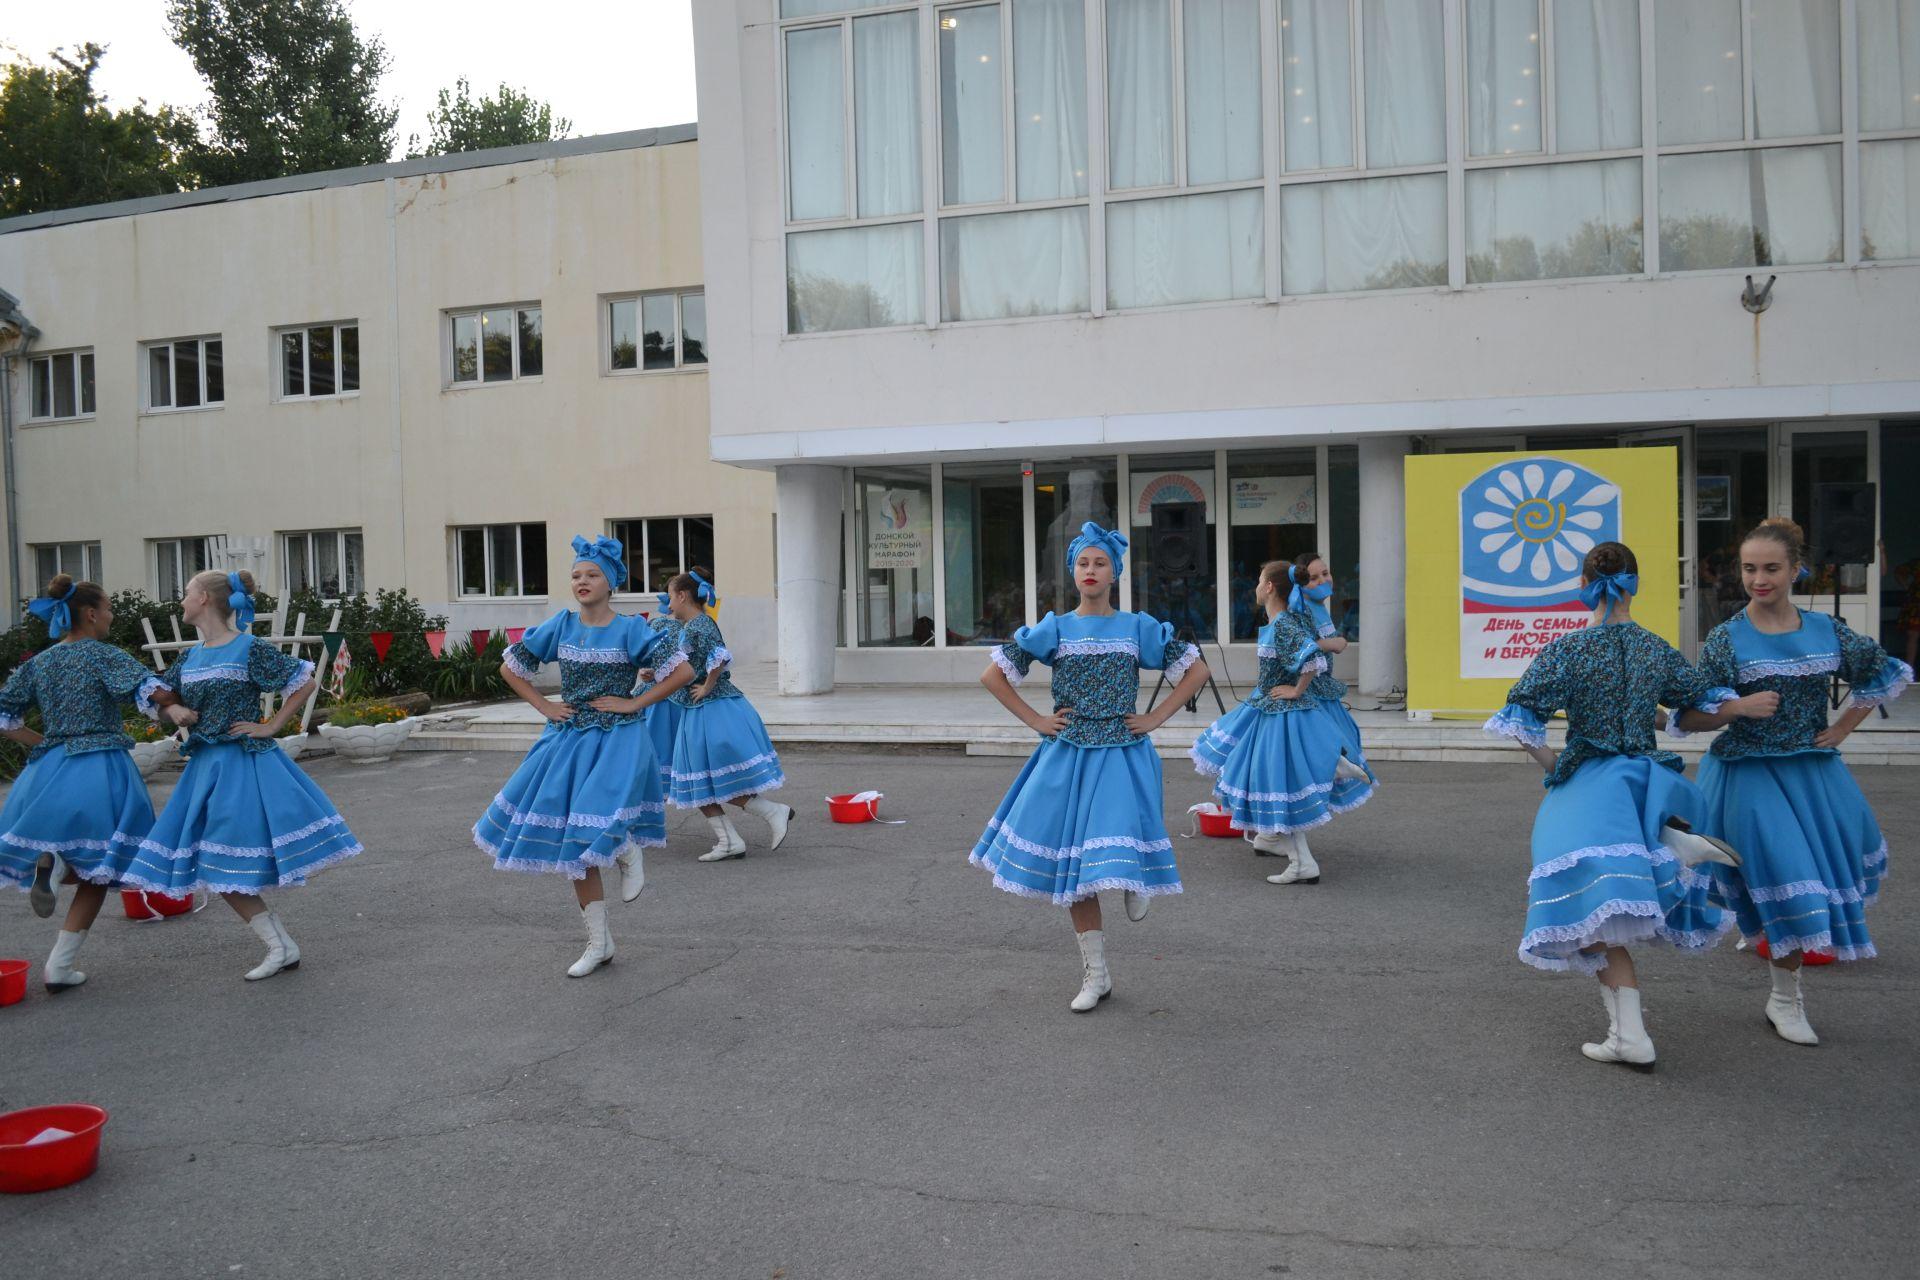 Концертной программой поздравили жителей микрорайона Донского с Днем Семьи, Любви и Верности